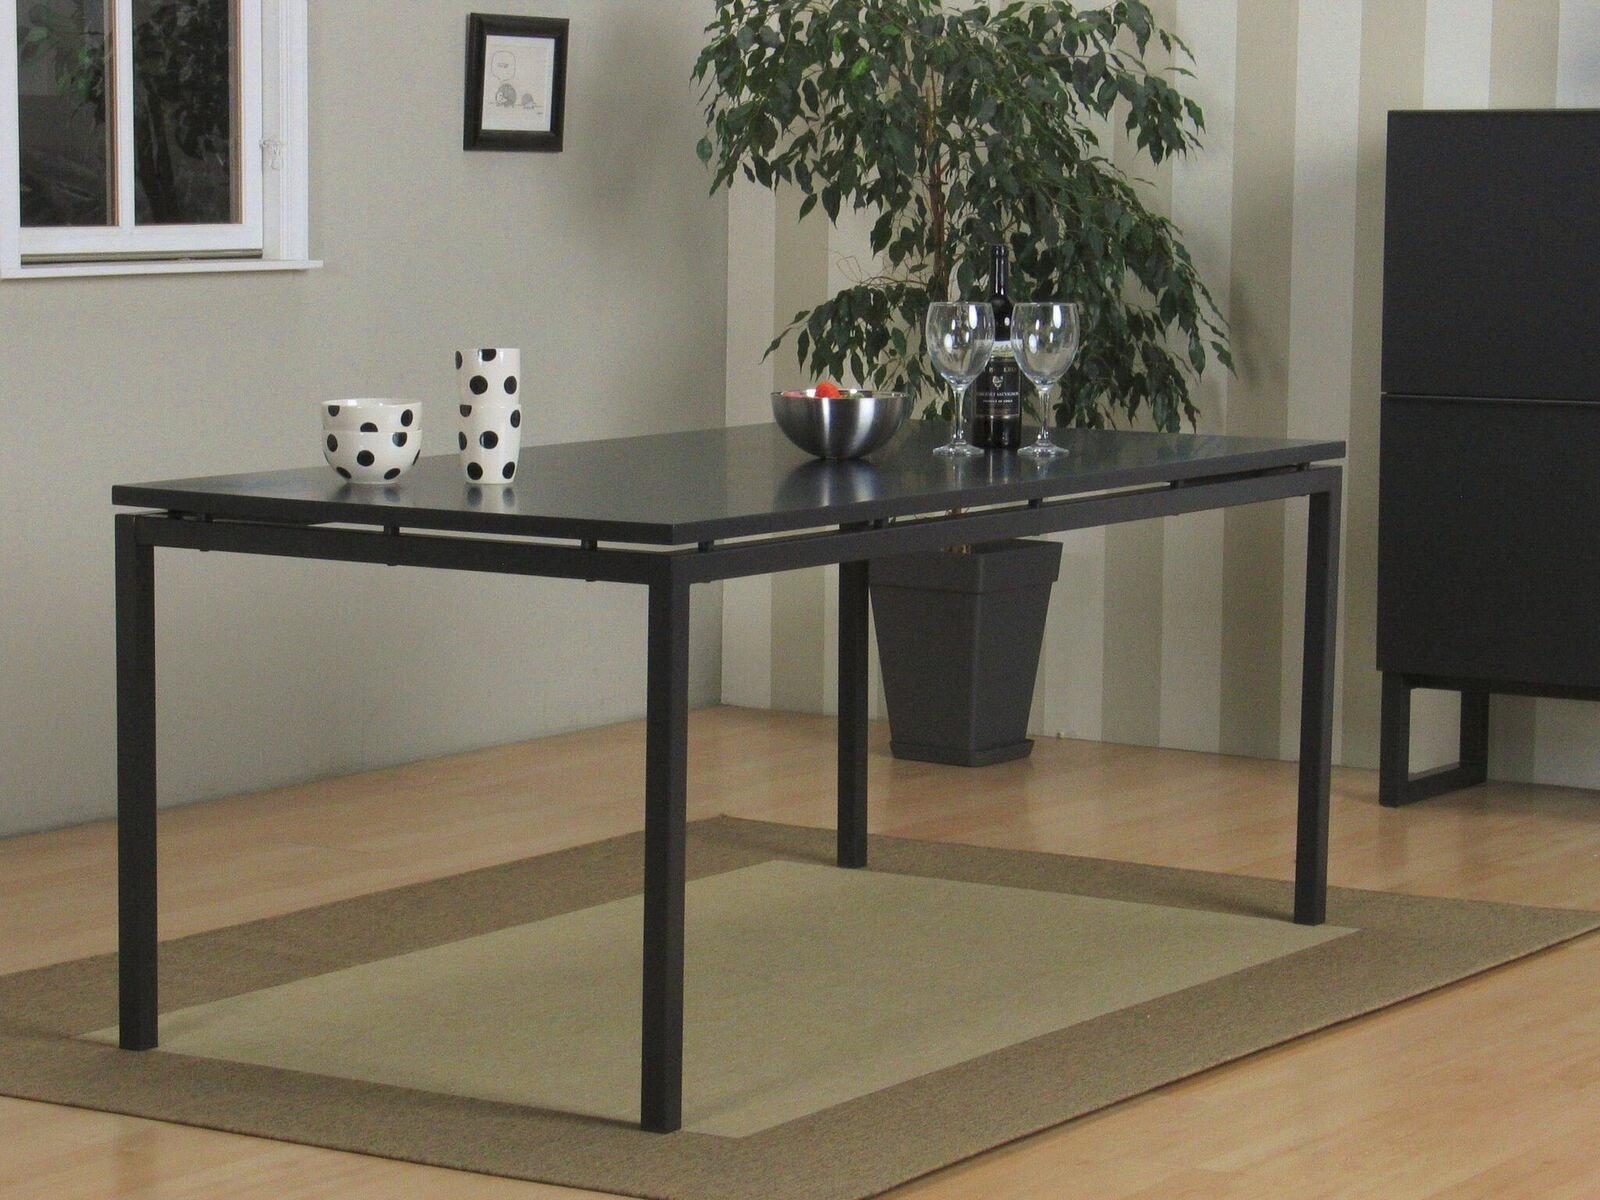 Esstisch 90x180cm matt grau lackiert m bel wohnen tische for Esstisch 90x180